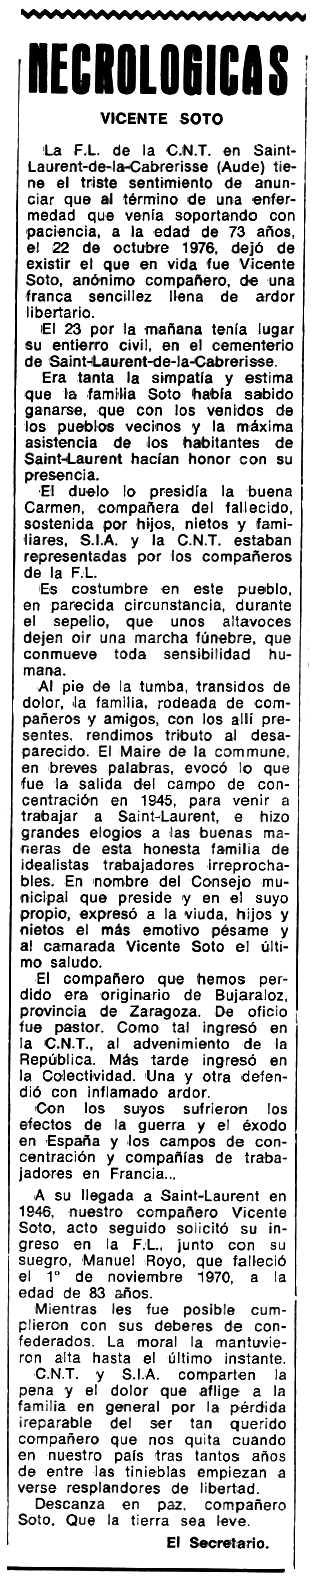 """Necrològica de Vicente Soto Royo apareguda en el periòdic tolosà """"Espoir"""" del 19 de juny de 1977"""